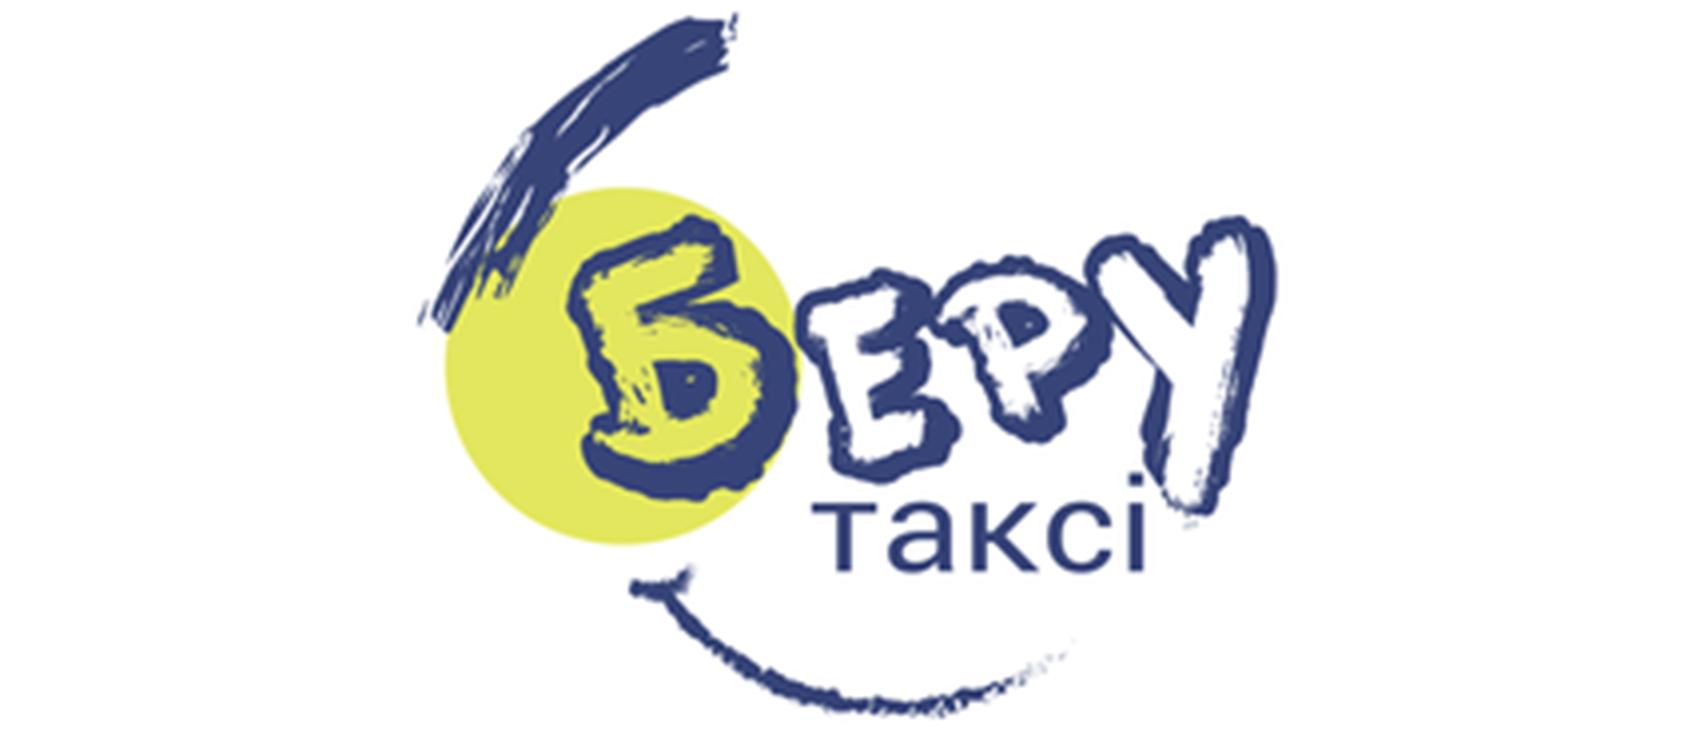 Беру Такси  (Киев, Одесса, Кременчук, Днепр, Запорожье, Львов, Полтава, Харьков)